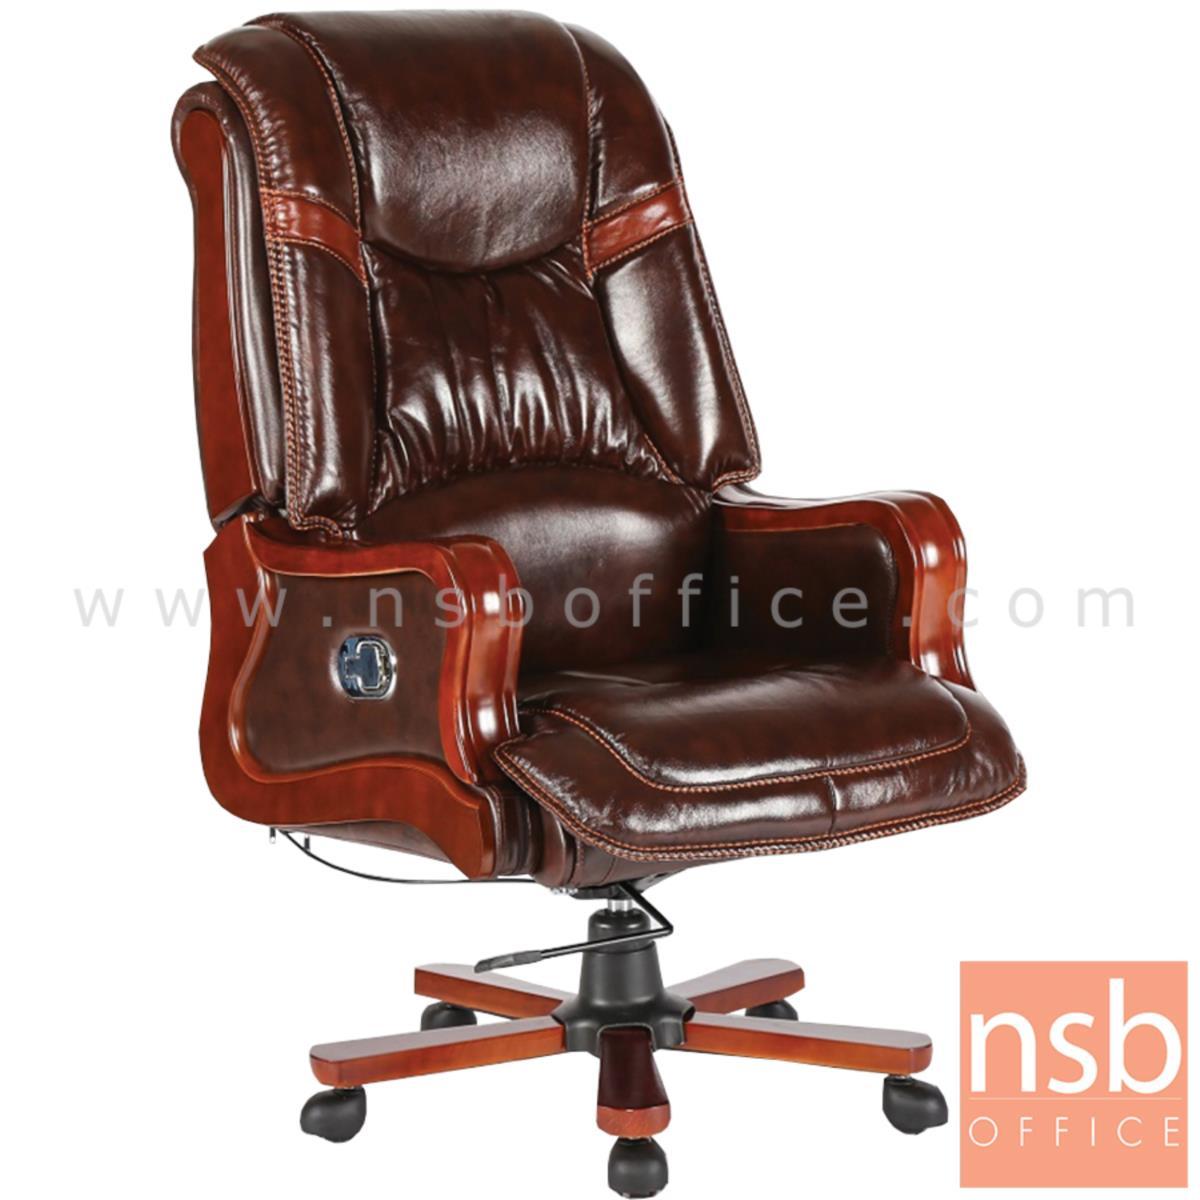 B25A094:เก้าอี้ผู้บริหารหนังแท้ รุ่น Wilde (ไวลด์)  โช๊คแก๊ส ขาไม้